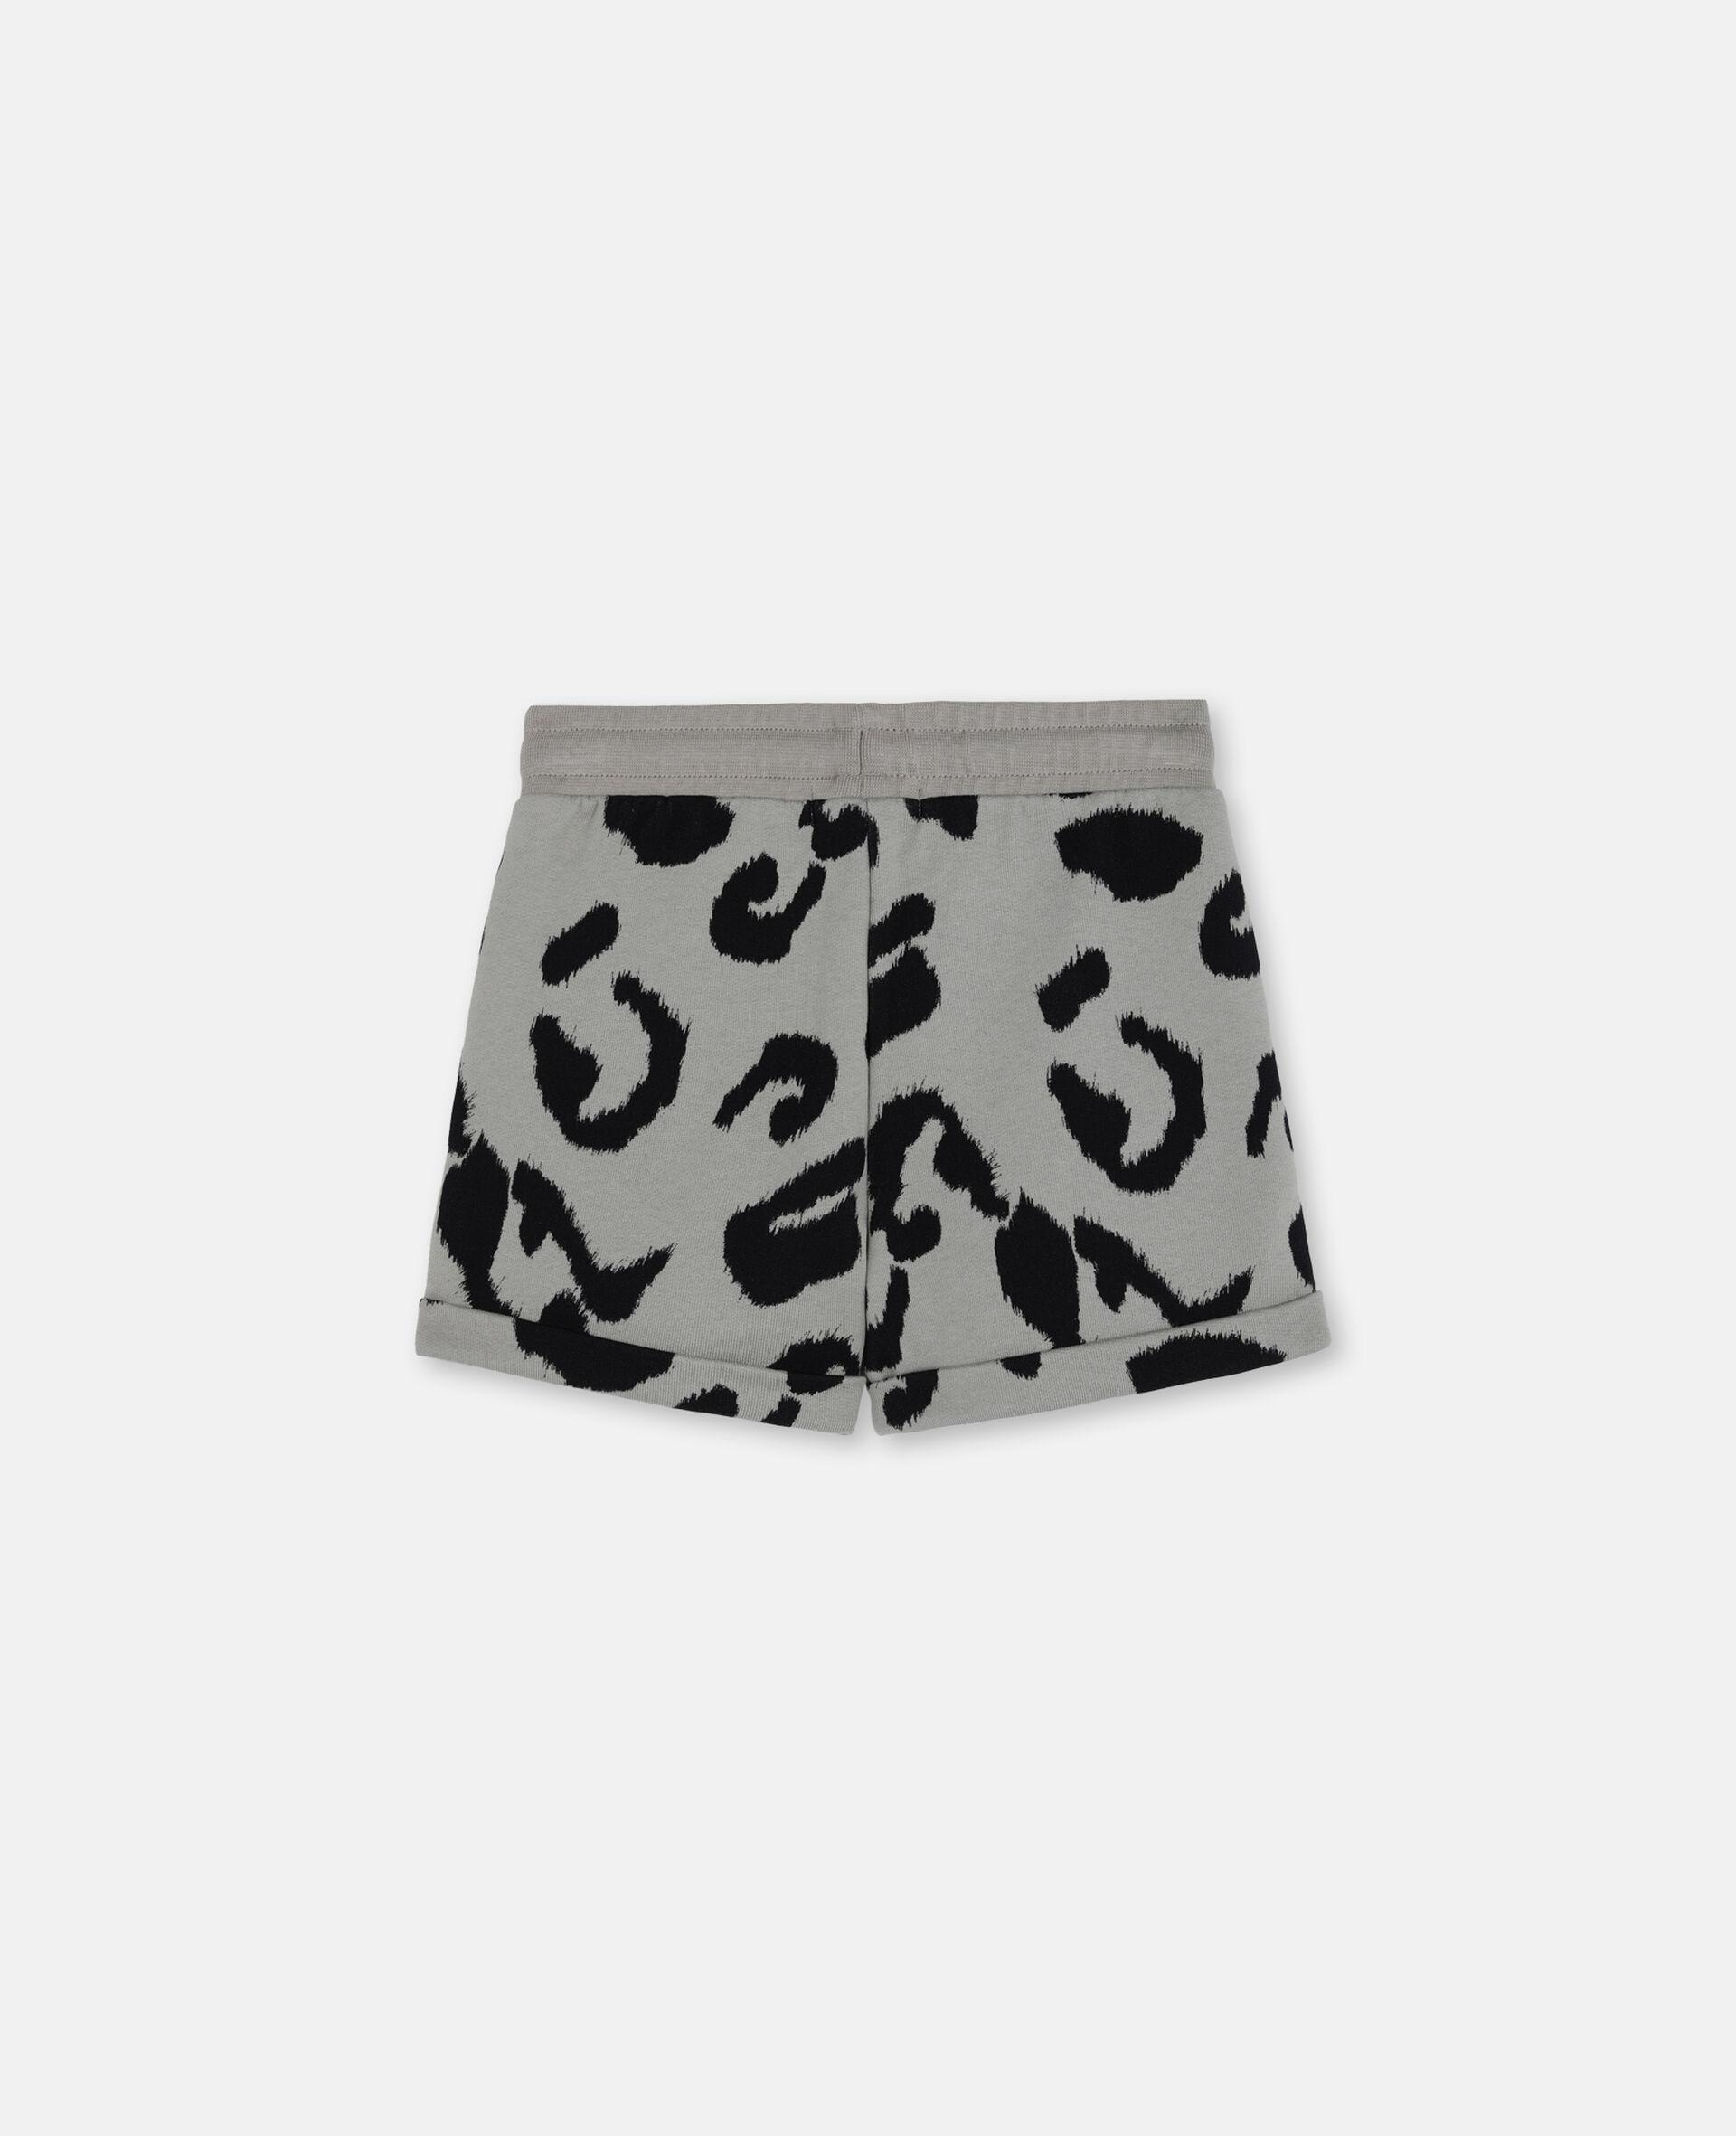 Leopard Cotton Fleece Shorts-Multicolour-large image number 3